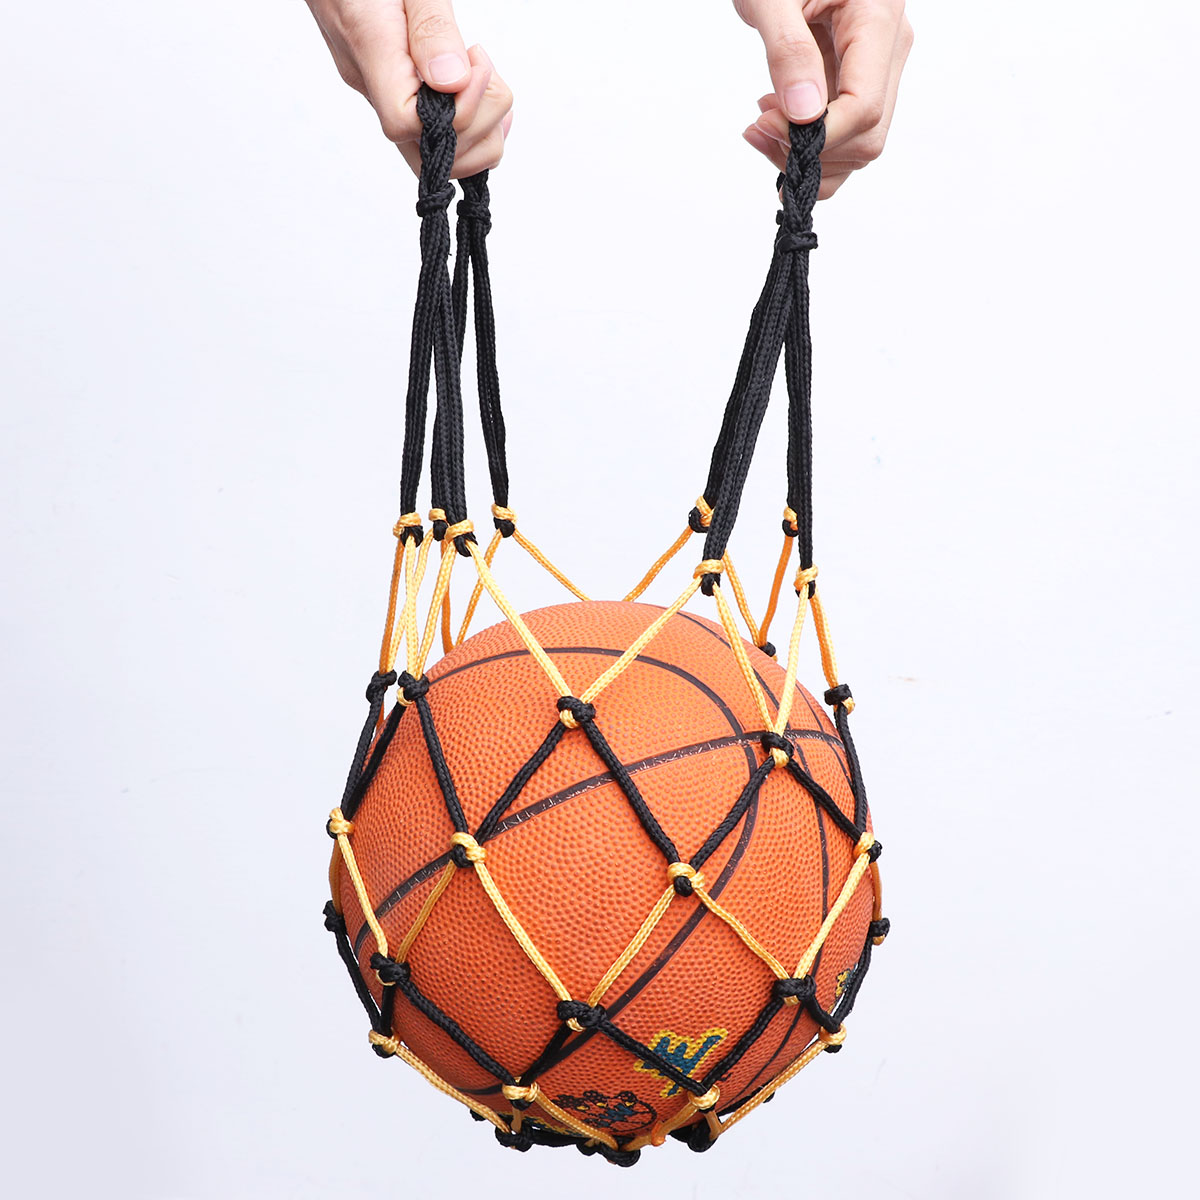 Сверхпрочная баскетбольная сумка, сетчатая нейлоновая сумка для баскетбола на шнурке, Сетчатая Сумка для переноски футбола, сумка для хранения на шнурке для баскетбола-0